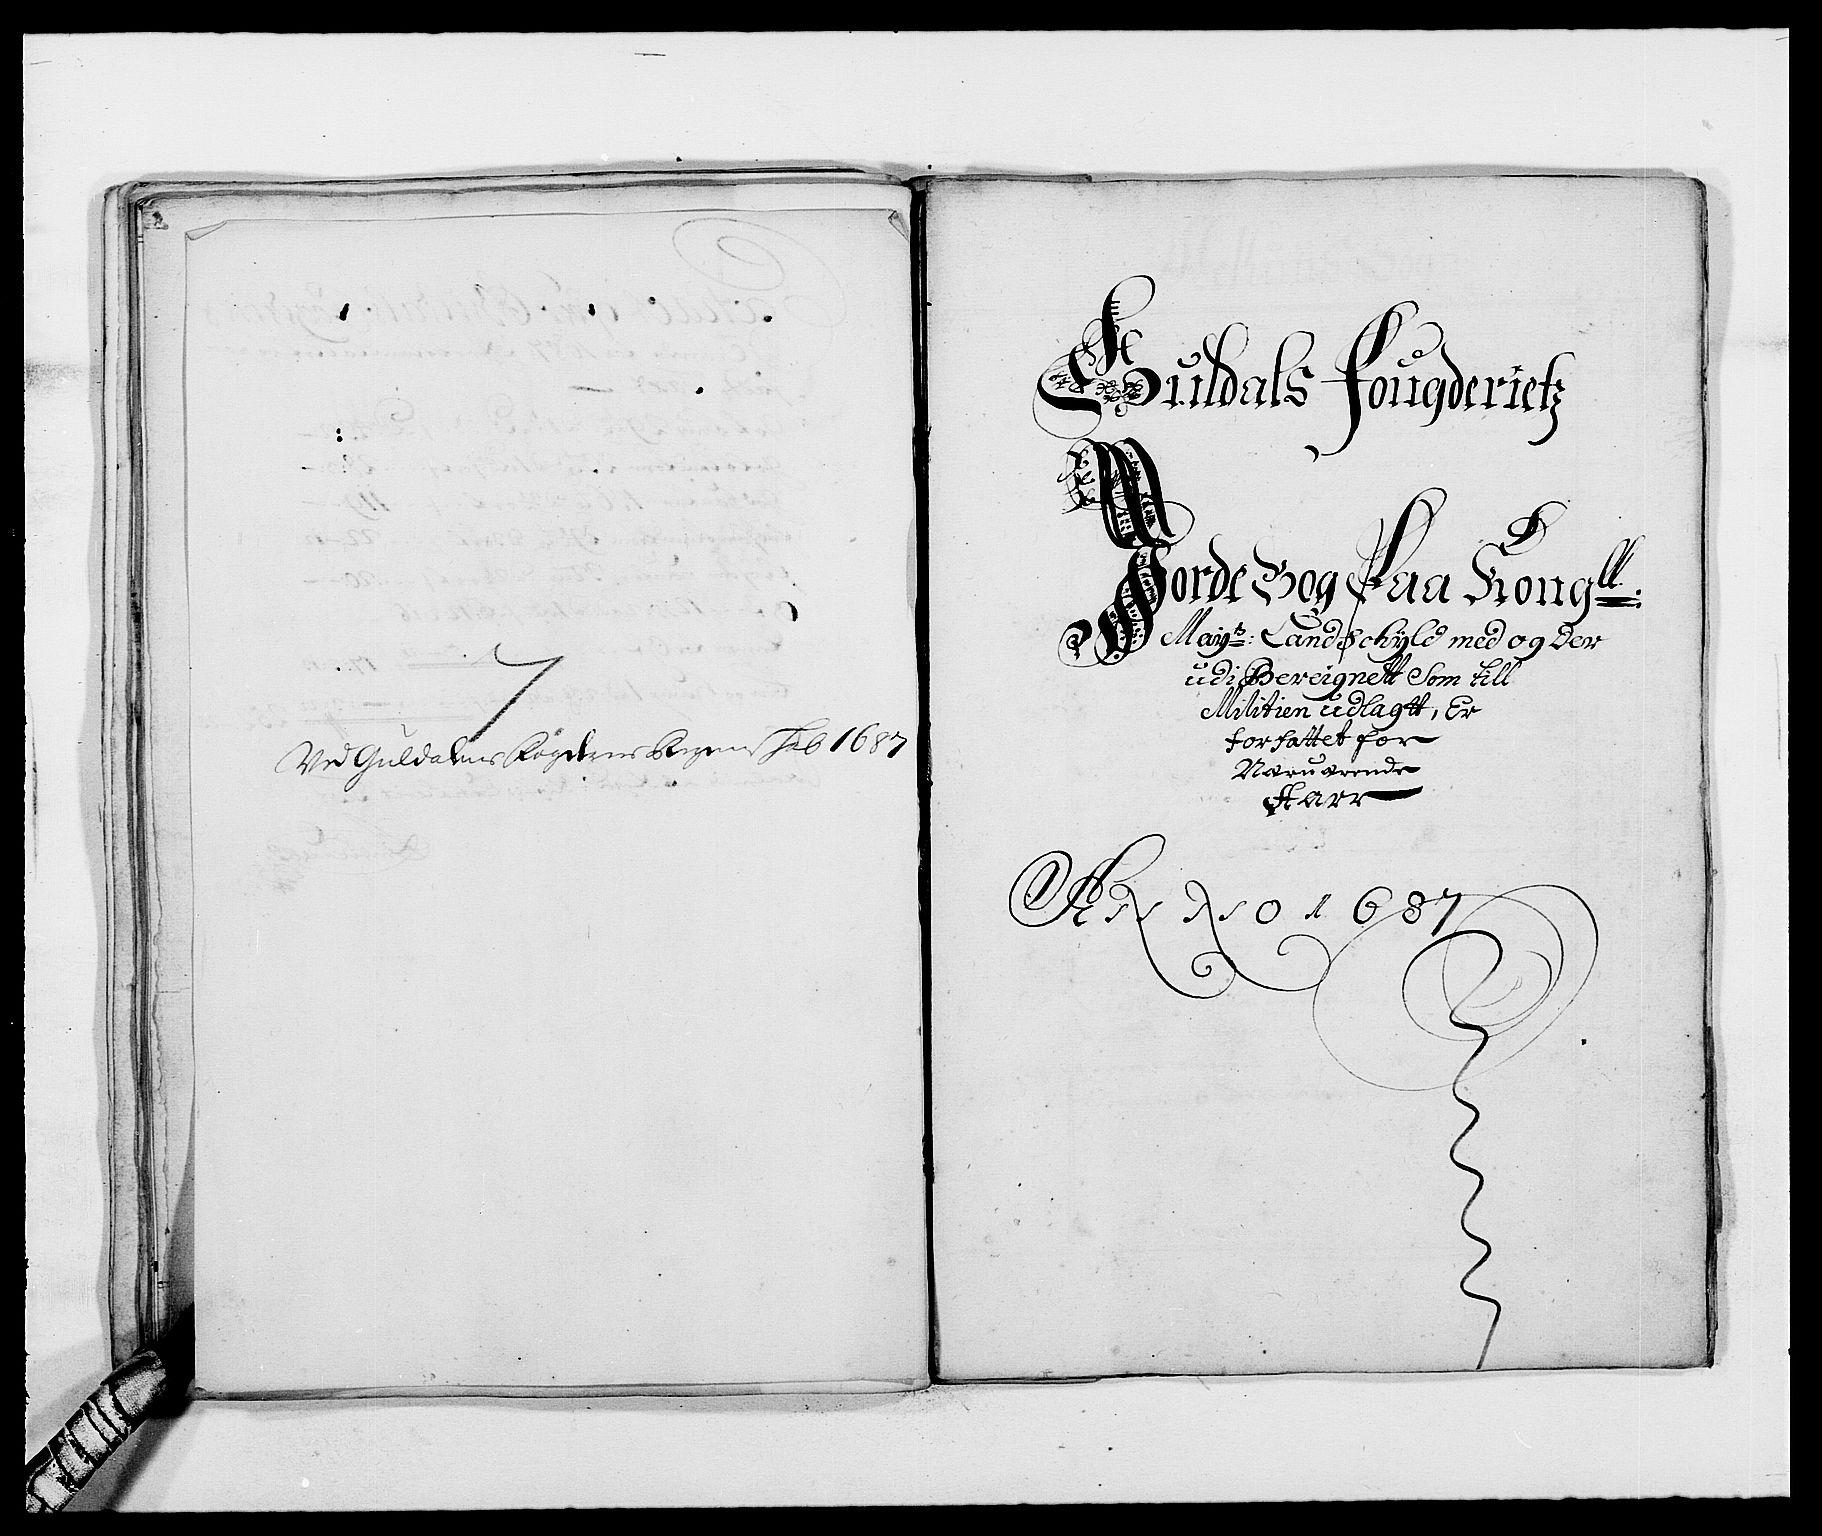 RA, Rentekammeret inntil 1814, Reviderte regnskaper, Fogderegnskap, R59/L3939: Fogderegnskap Gauldal, 1687-1688, s. 36